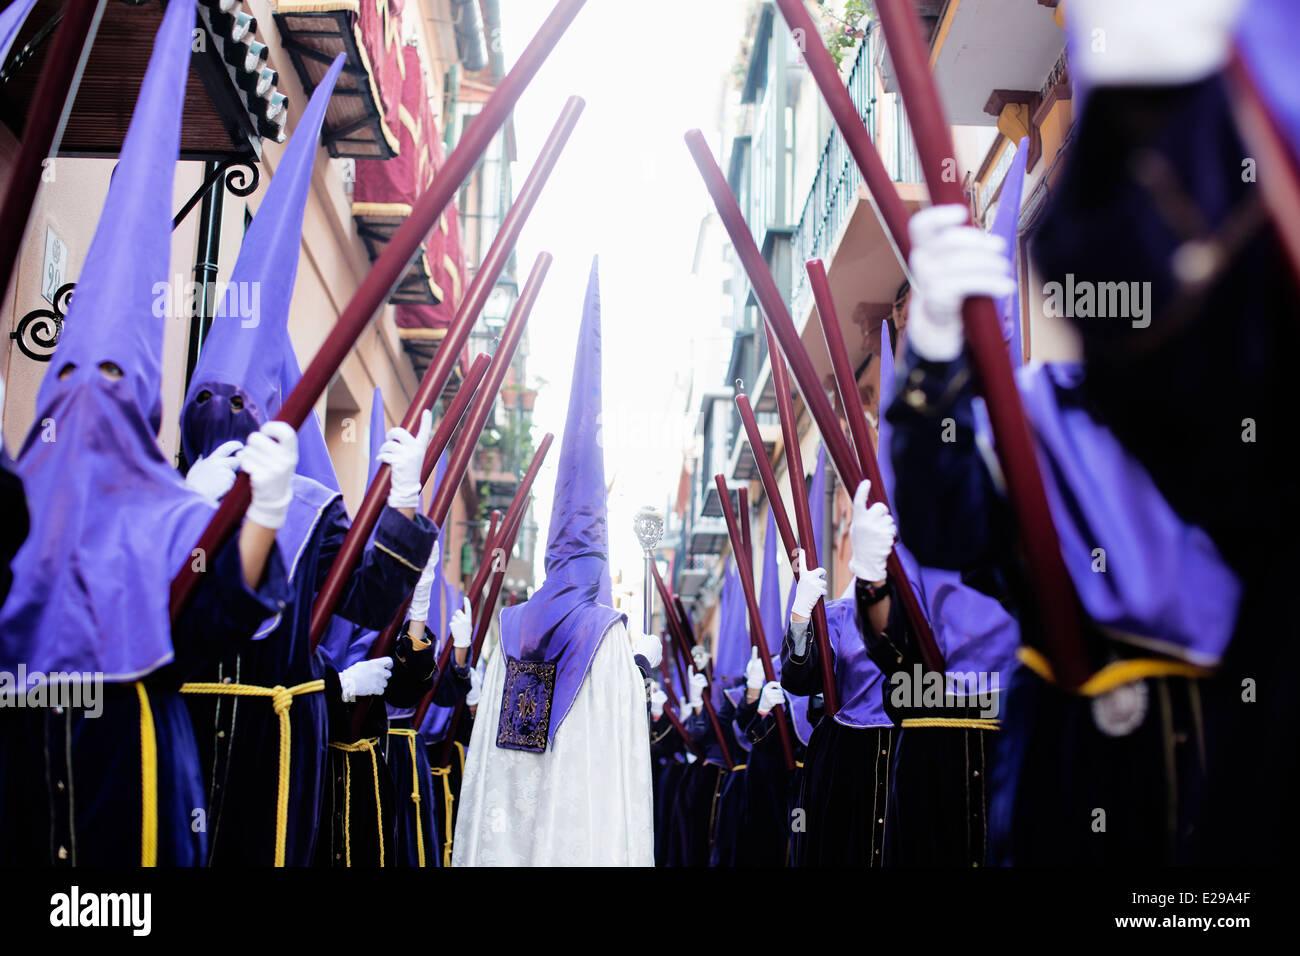 Túnica,encapuchados que participan en la Fiesta de Semana Santa en Málaga. Foto de stock